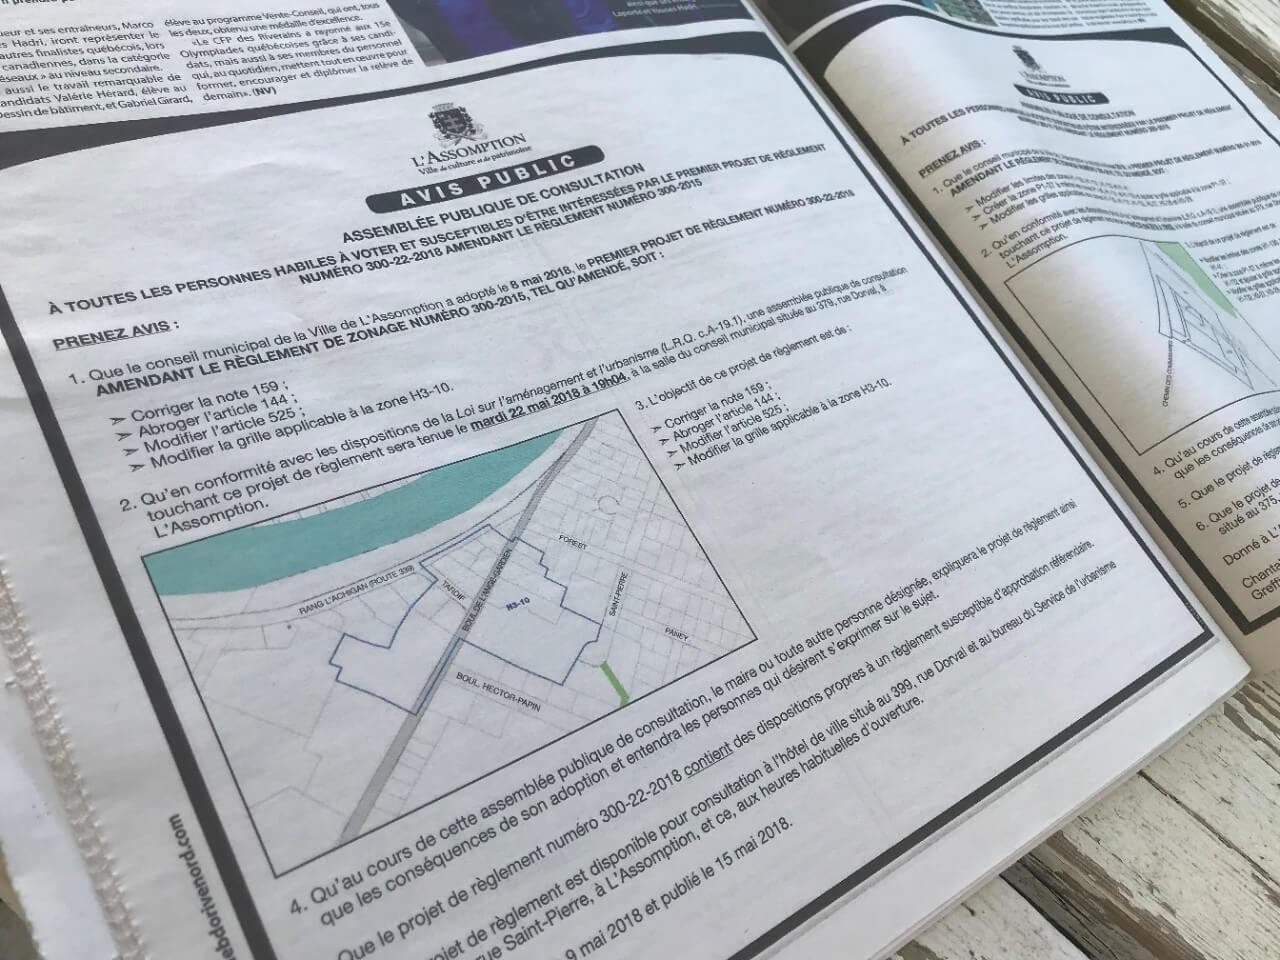 L'Assomption cesse la publication d'avis publics dans les journaux